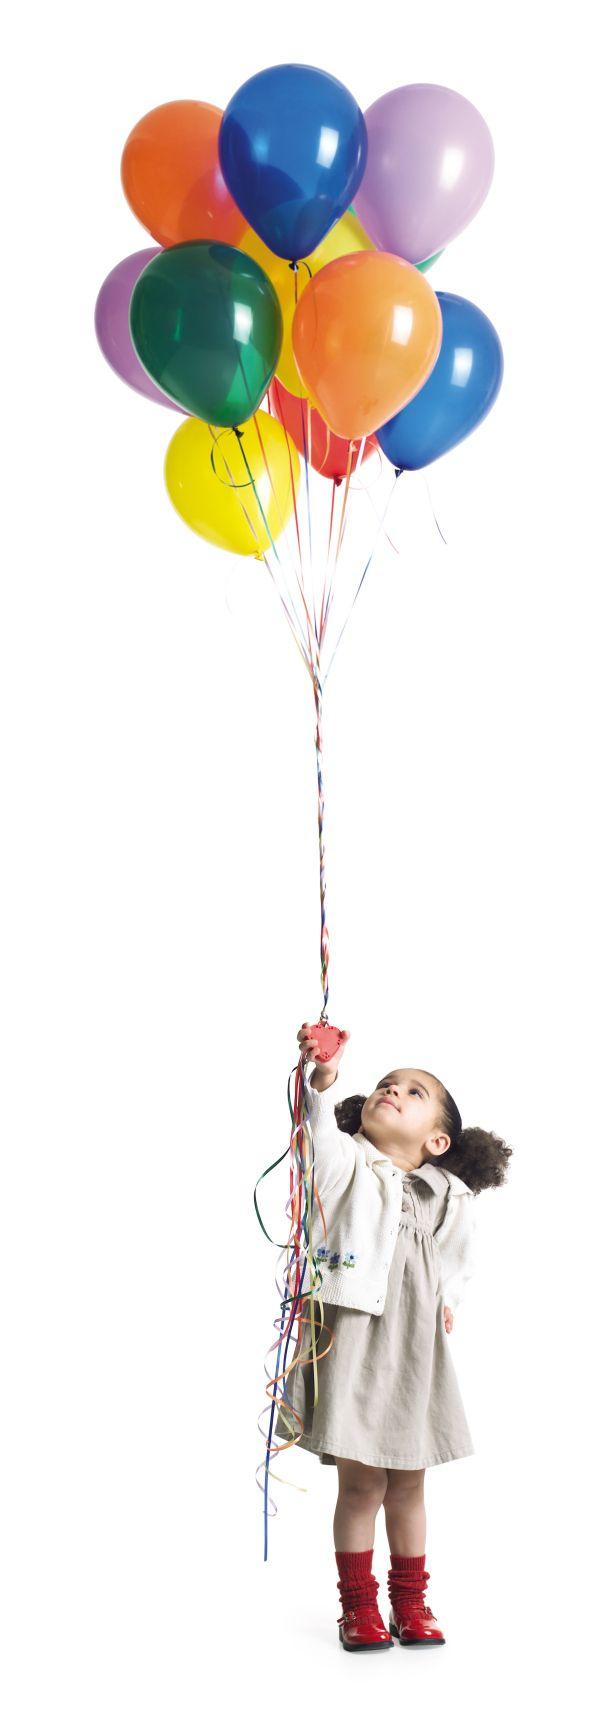 תוצאת תמונה עבור Balloon Seller Png People Cutout People Png Render People